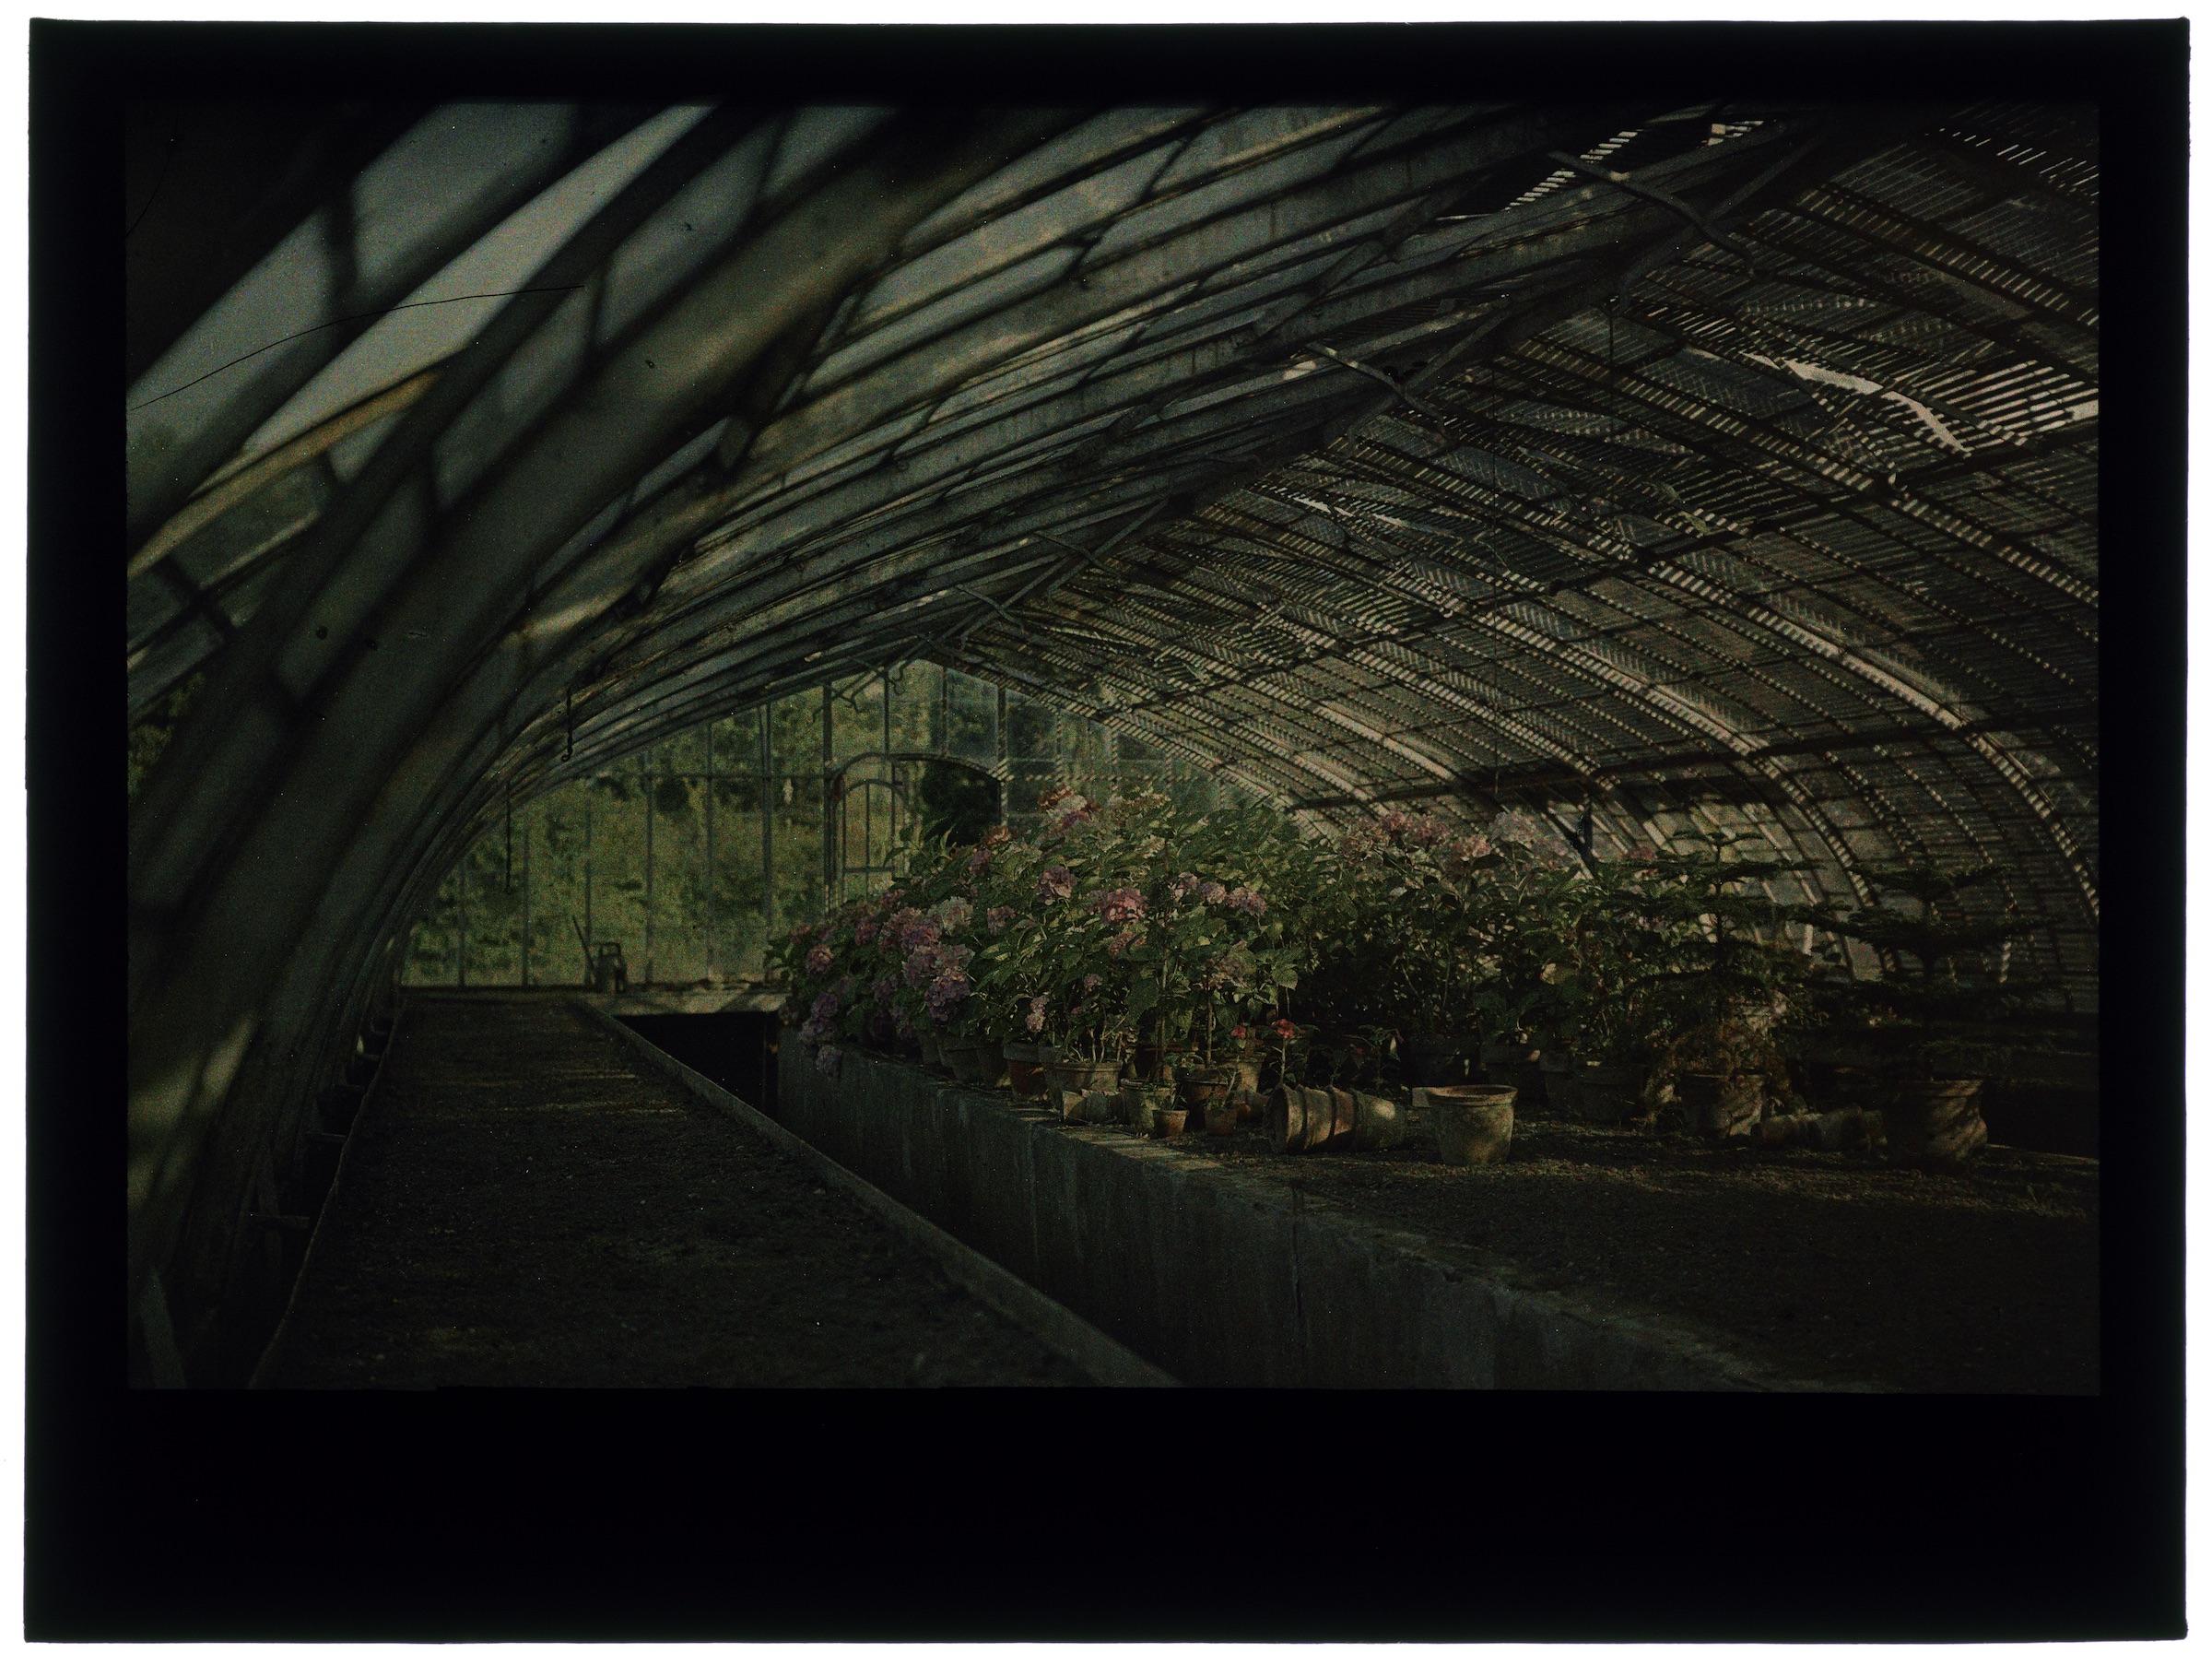 Fleurs dans la serre arrondie, au jardin et sous un toit de branchage